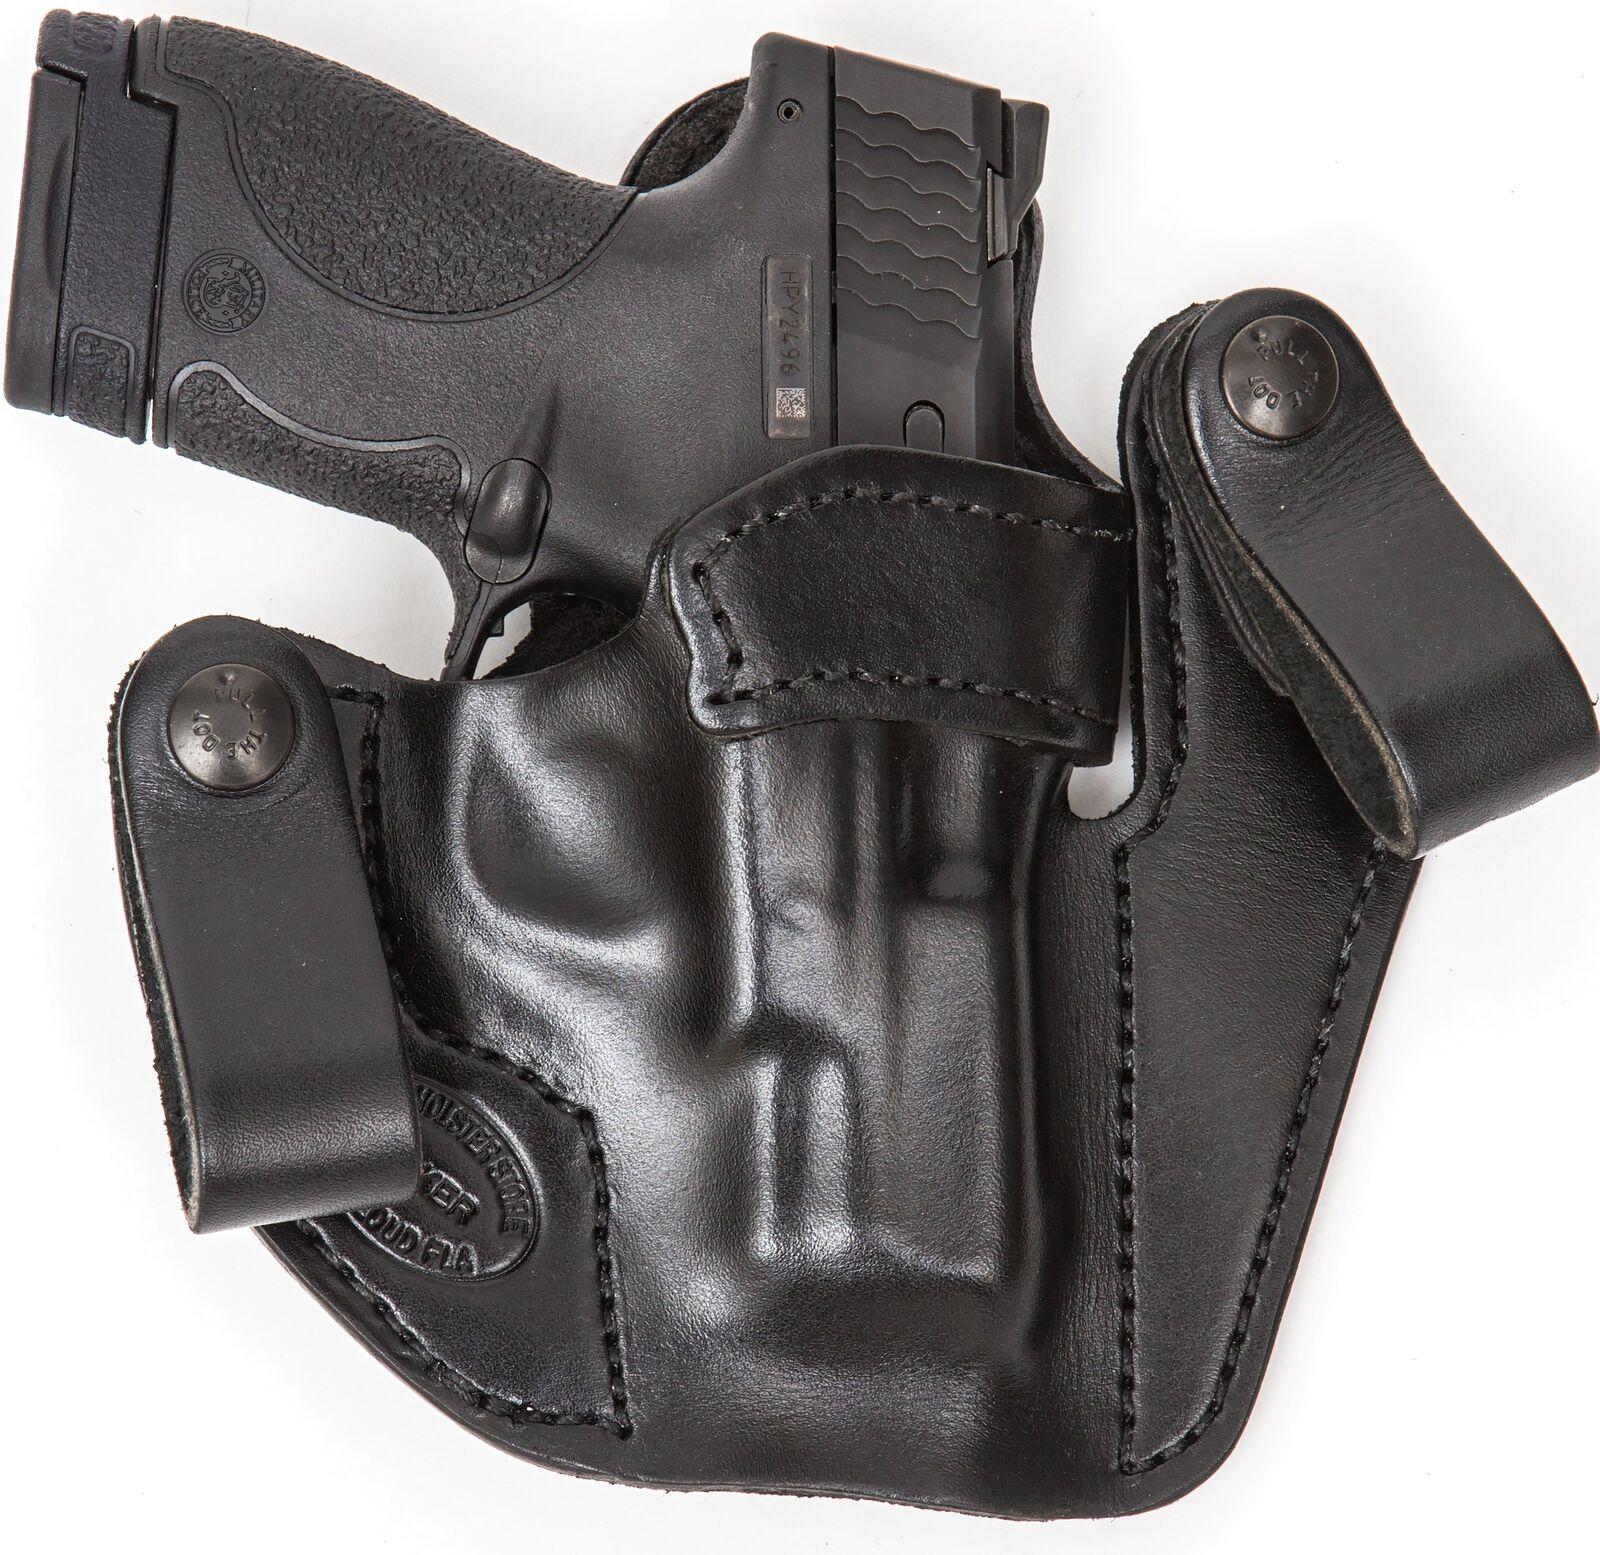 XTREME llevar RH LH dentro de la cintura de cuero Funda Pistola Para S&W M&P 9 40 45 4.5